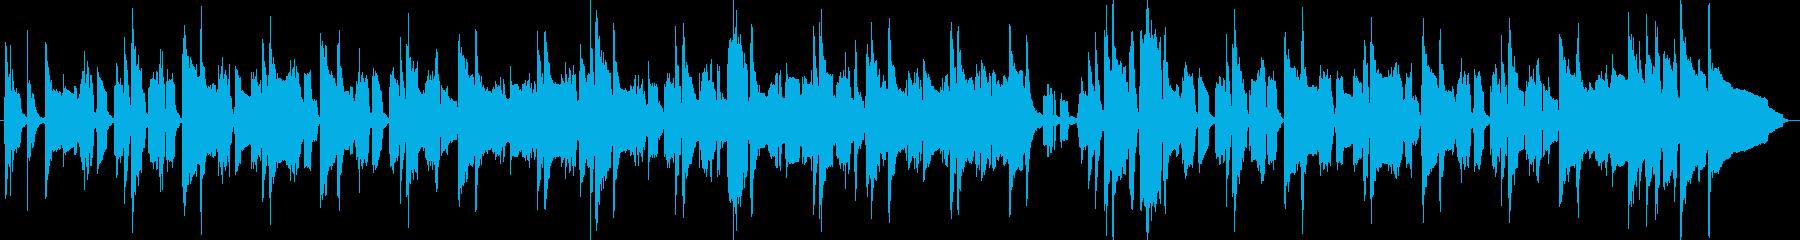 動画】ほんわかしたクラリネットBGMの再生済みの波形